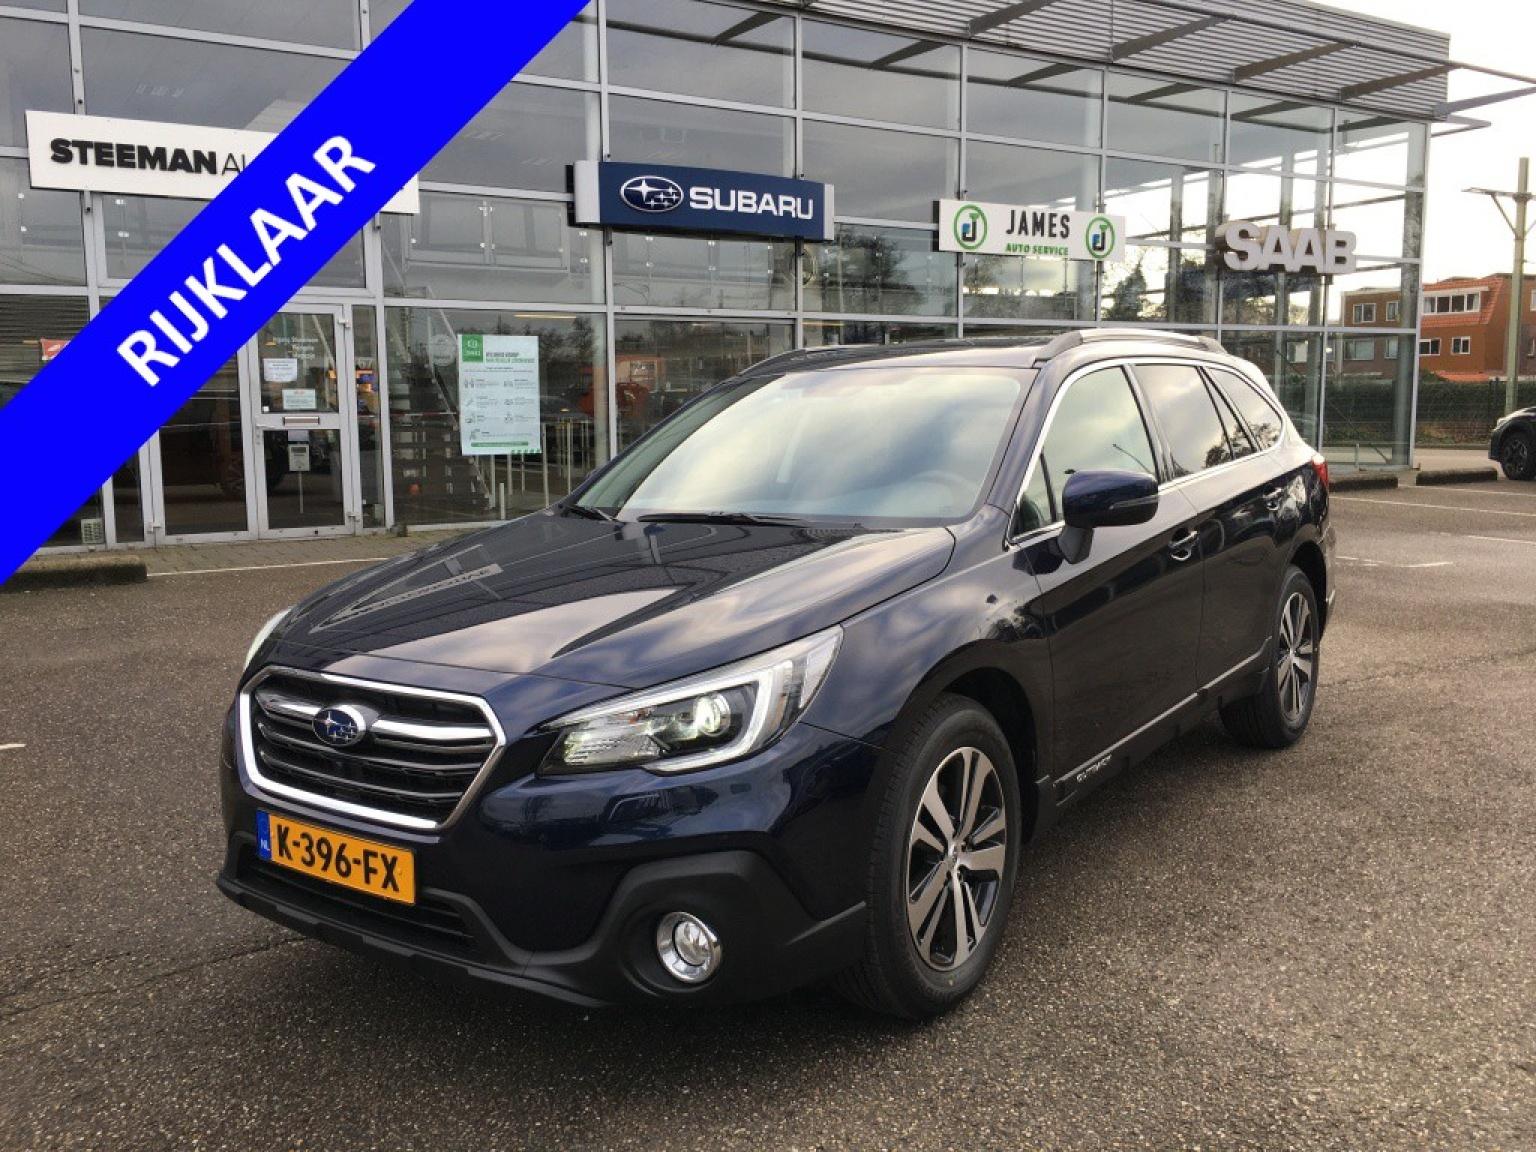 Subaru-Outback-0